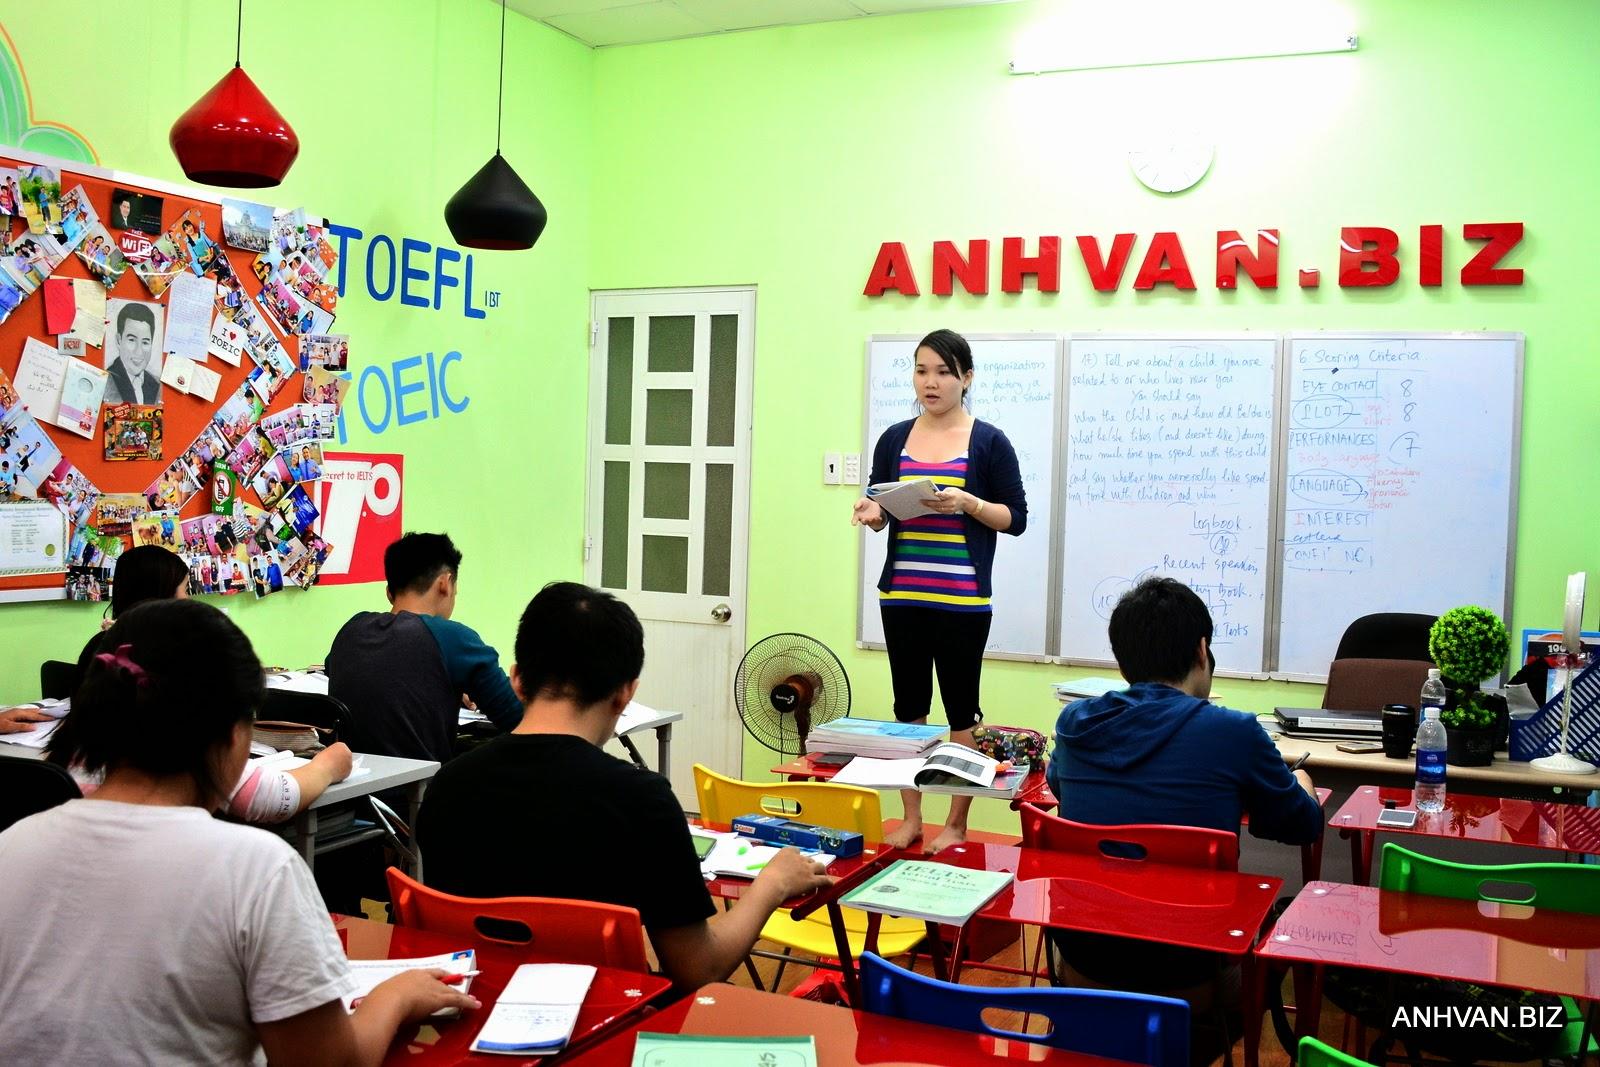 Hoạt động Speaking của Lớp Anhvan.biz